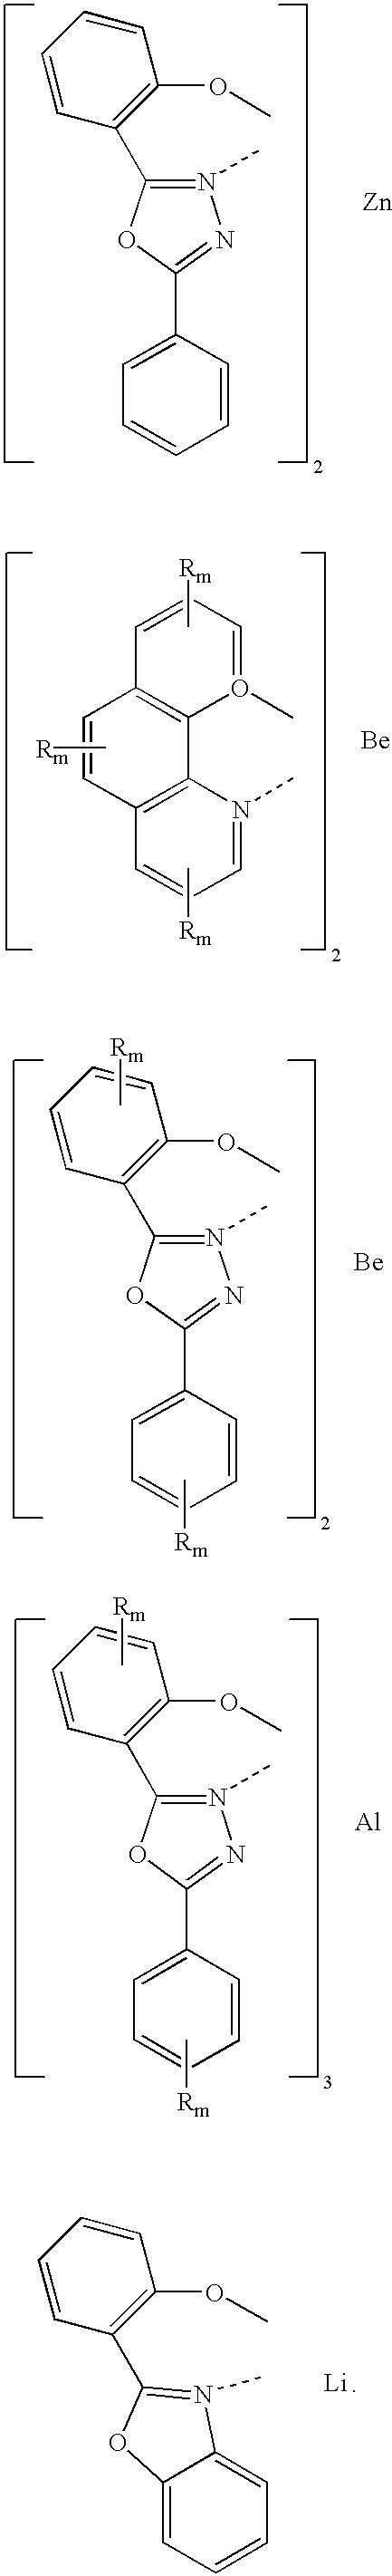 Figure US06579630-20030617-C00006